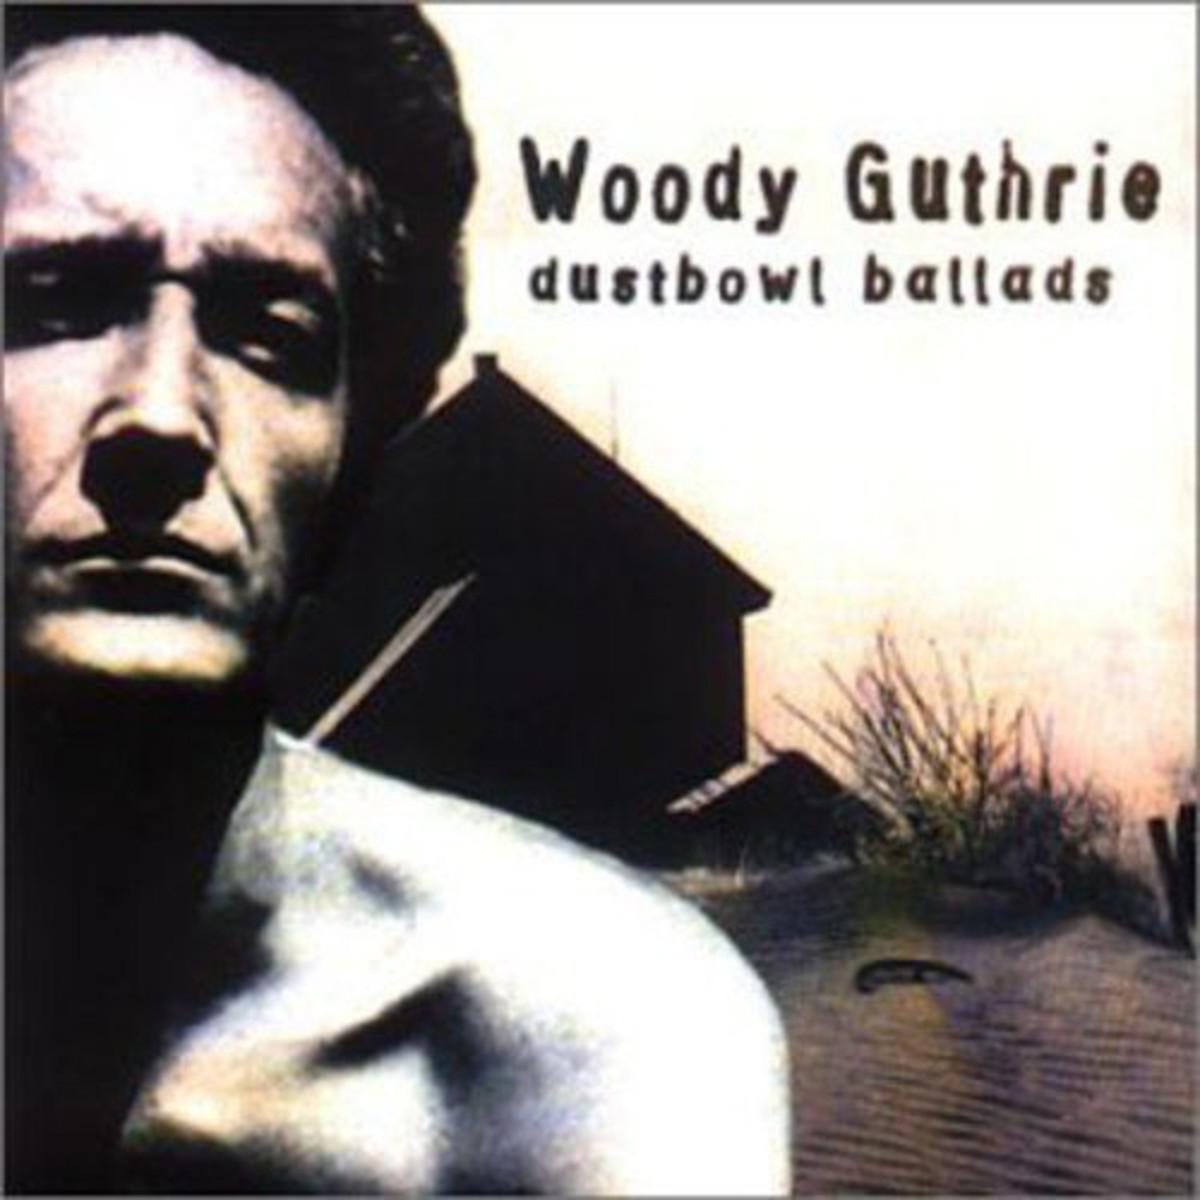 Woody Guthrie, Dust Bowl Ballads